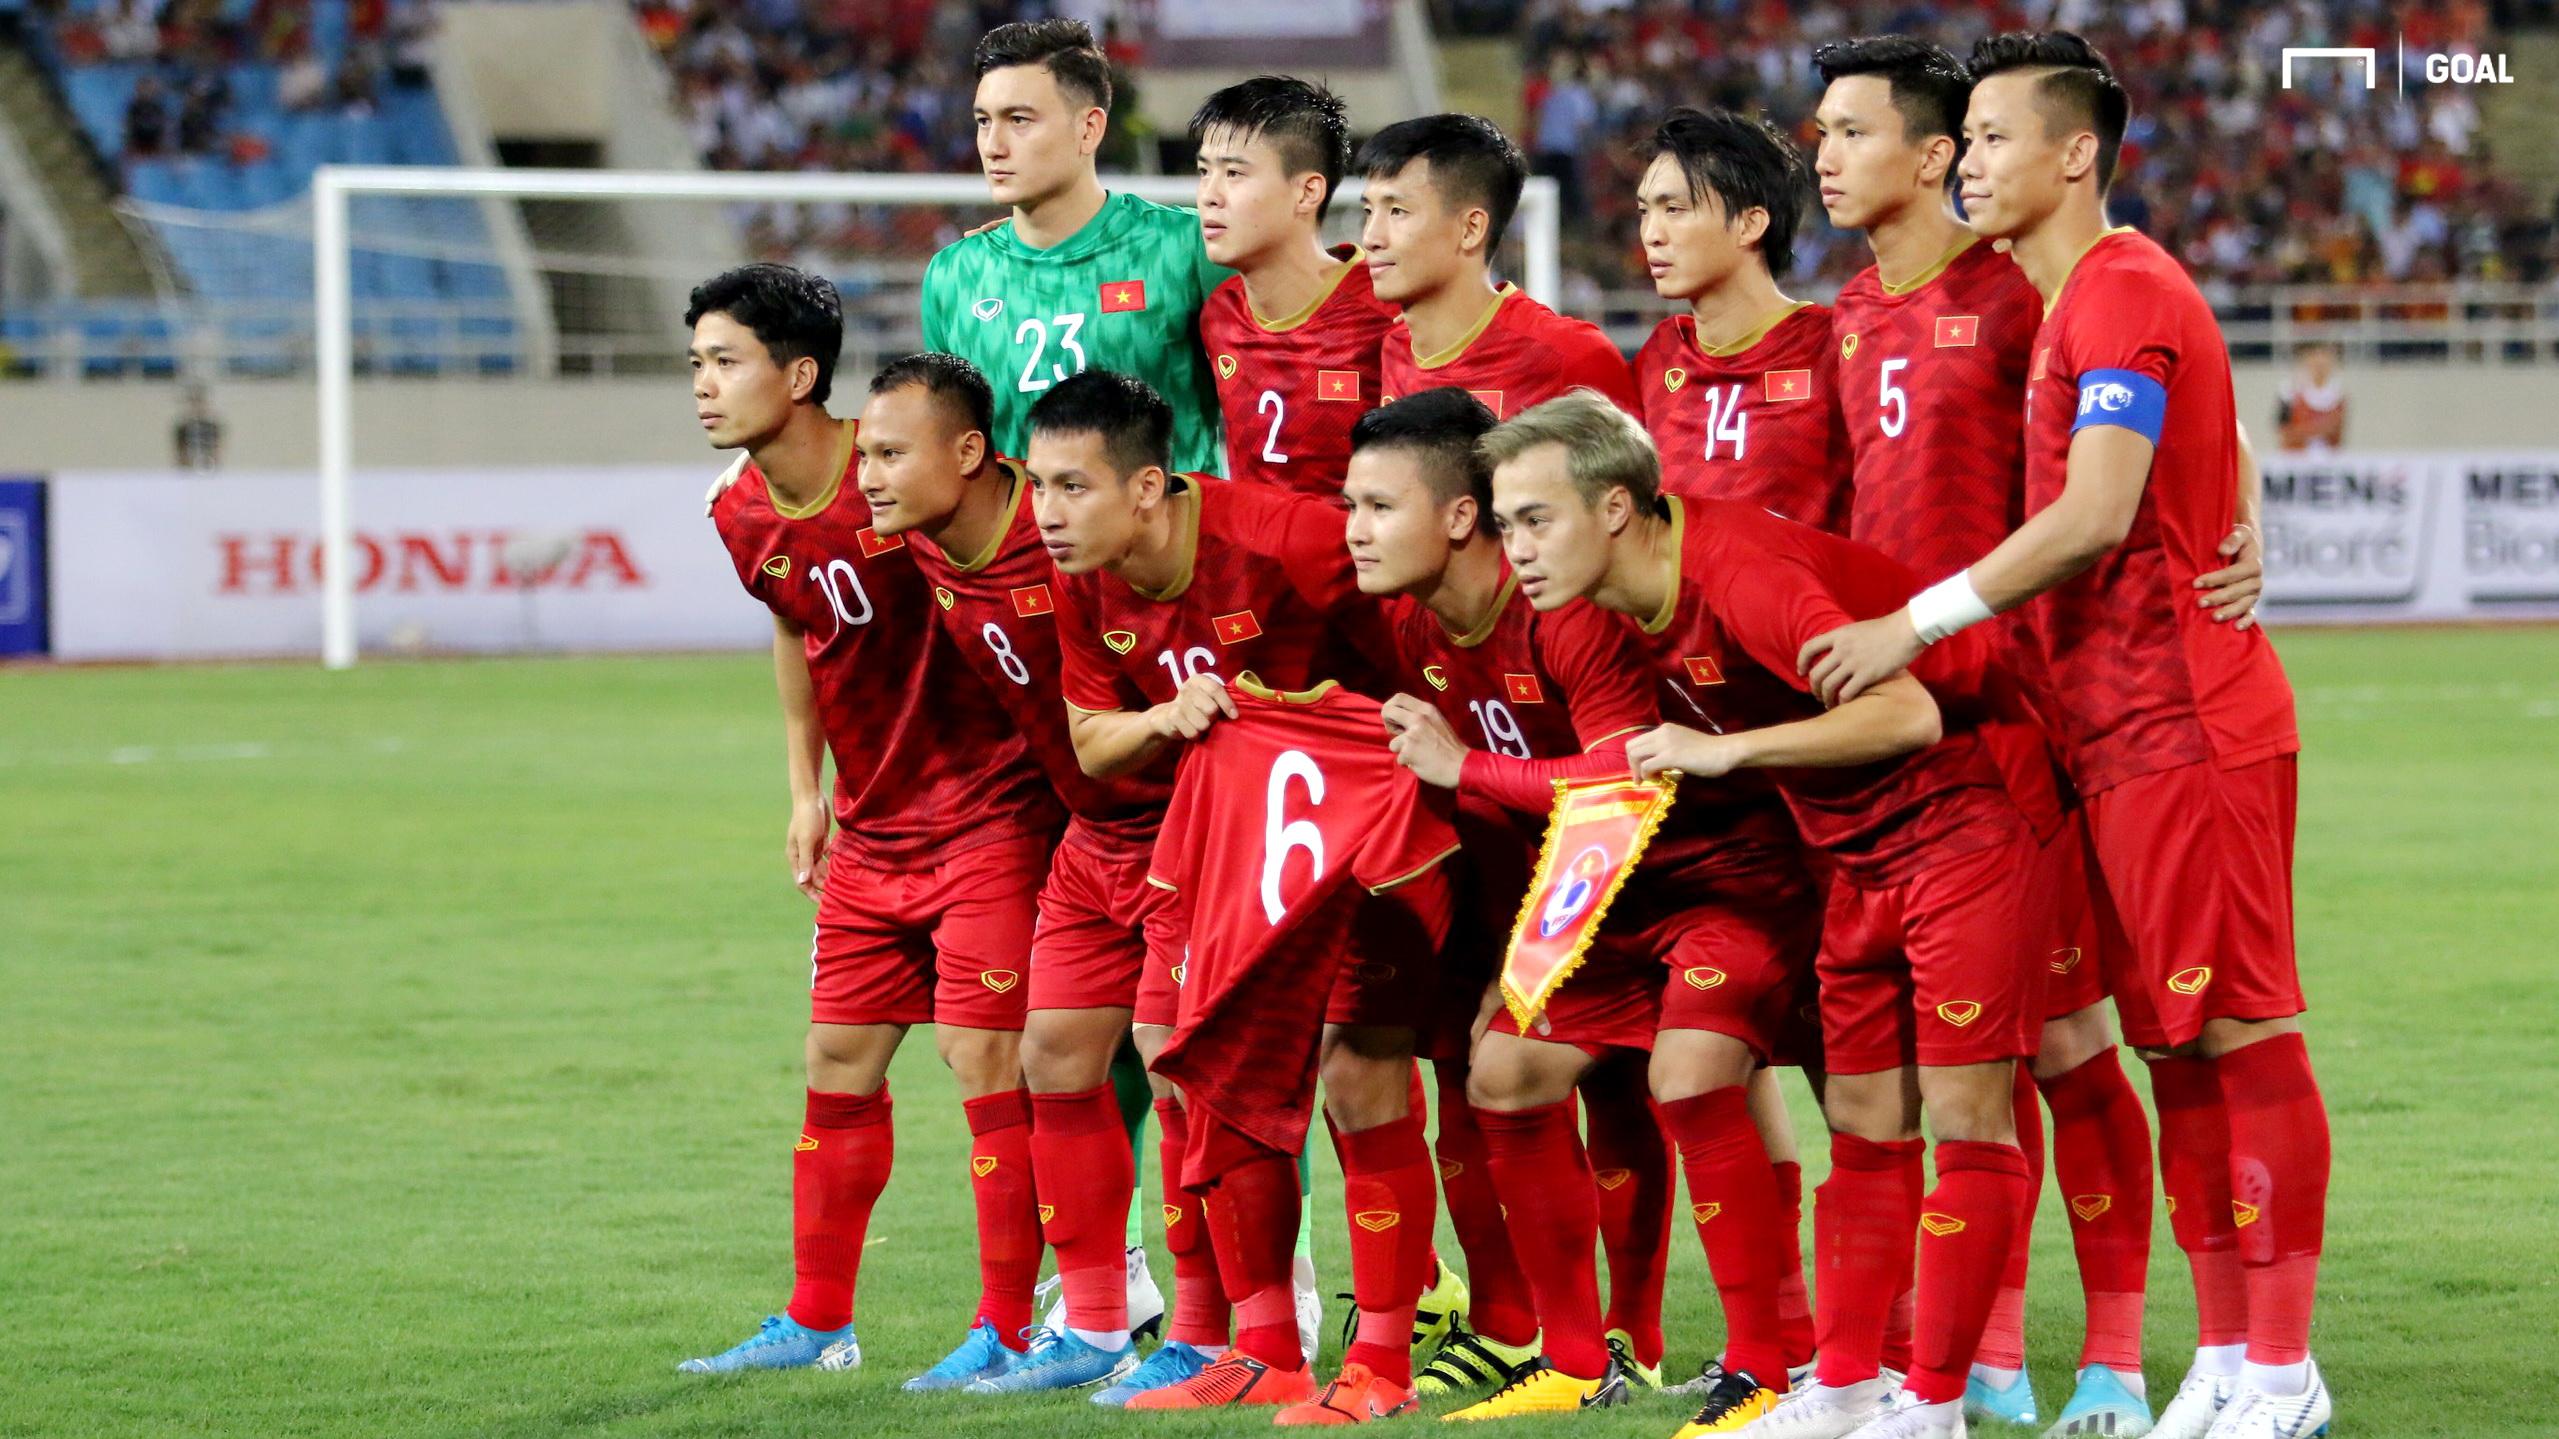 ĐT Việt Nam tri ân Xuân Trường, Quang Hải nhận 'triệu like' từ cầu thủ Malaysia với hành động đẹp  1